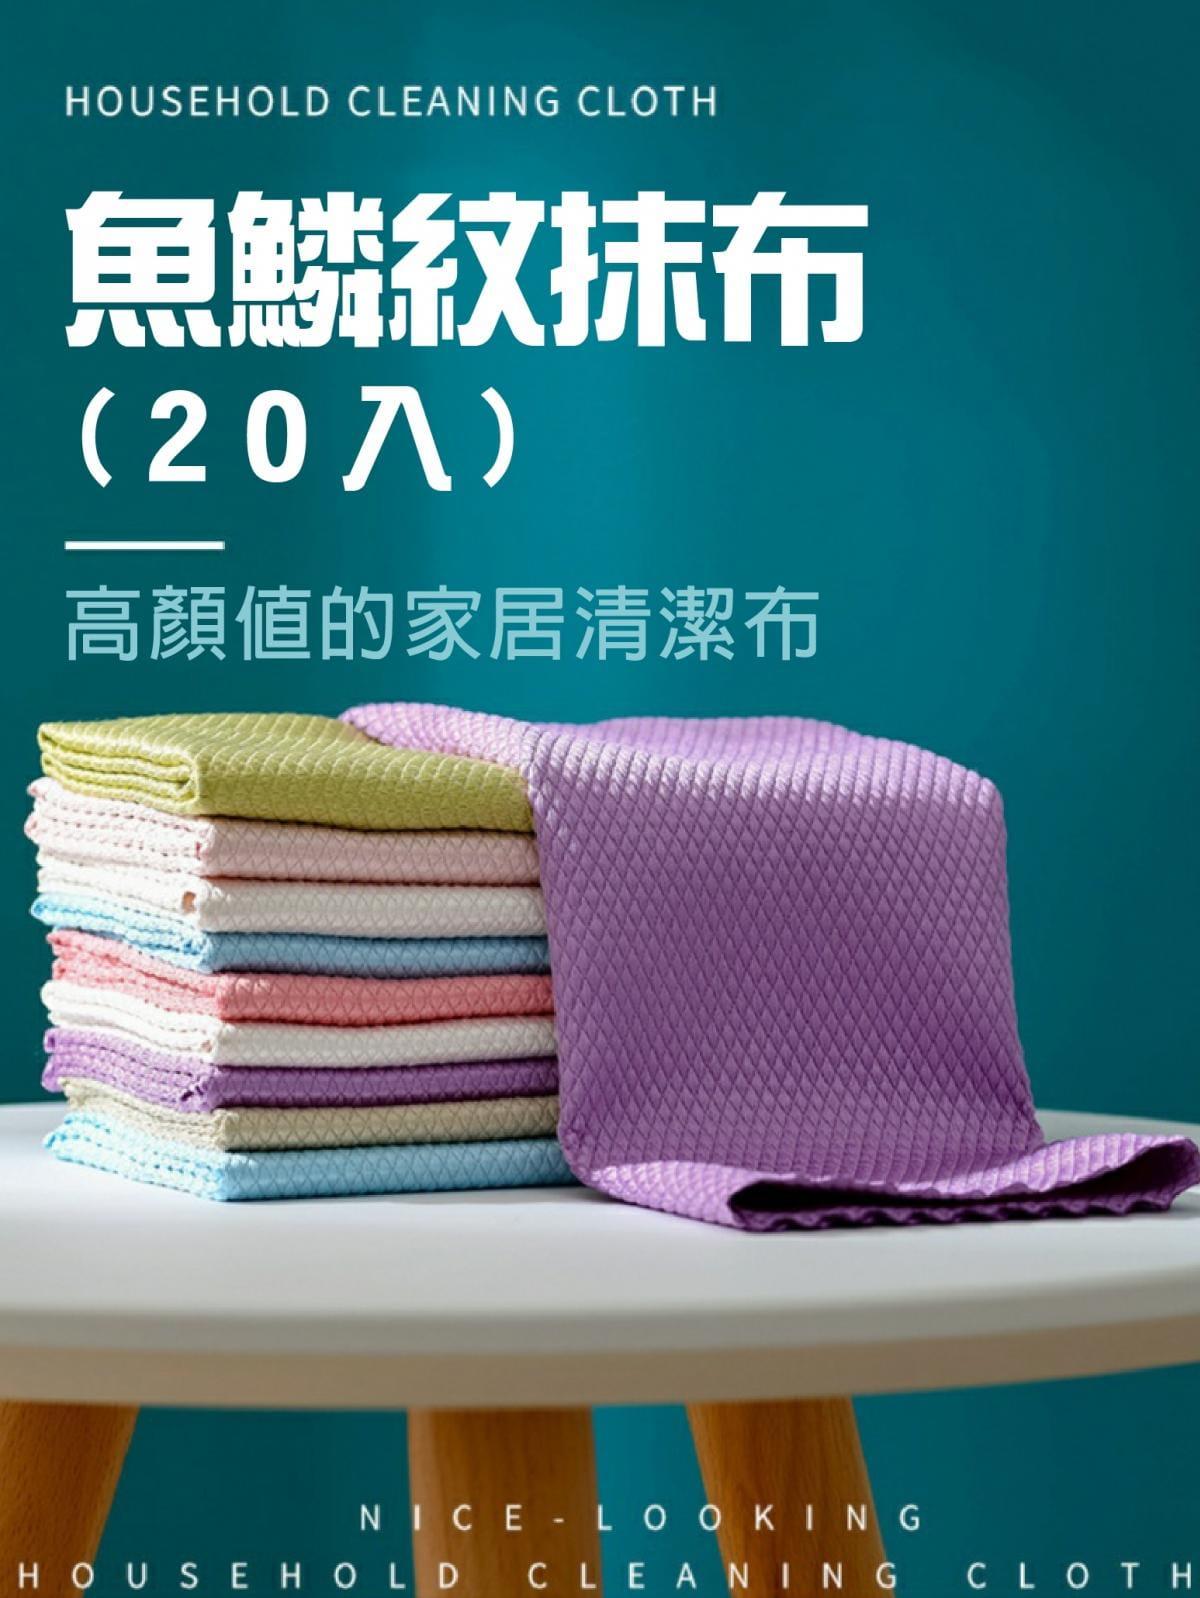 魚鱗紋抹布(20入) 0